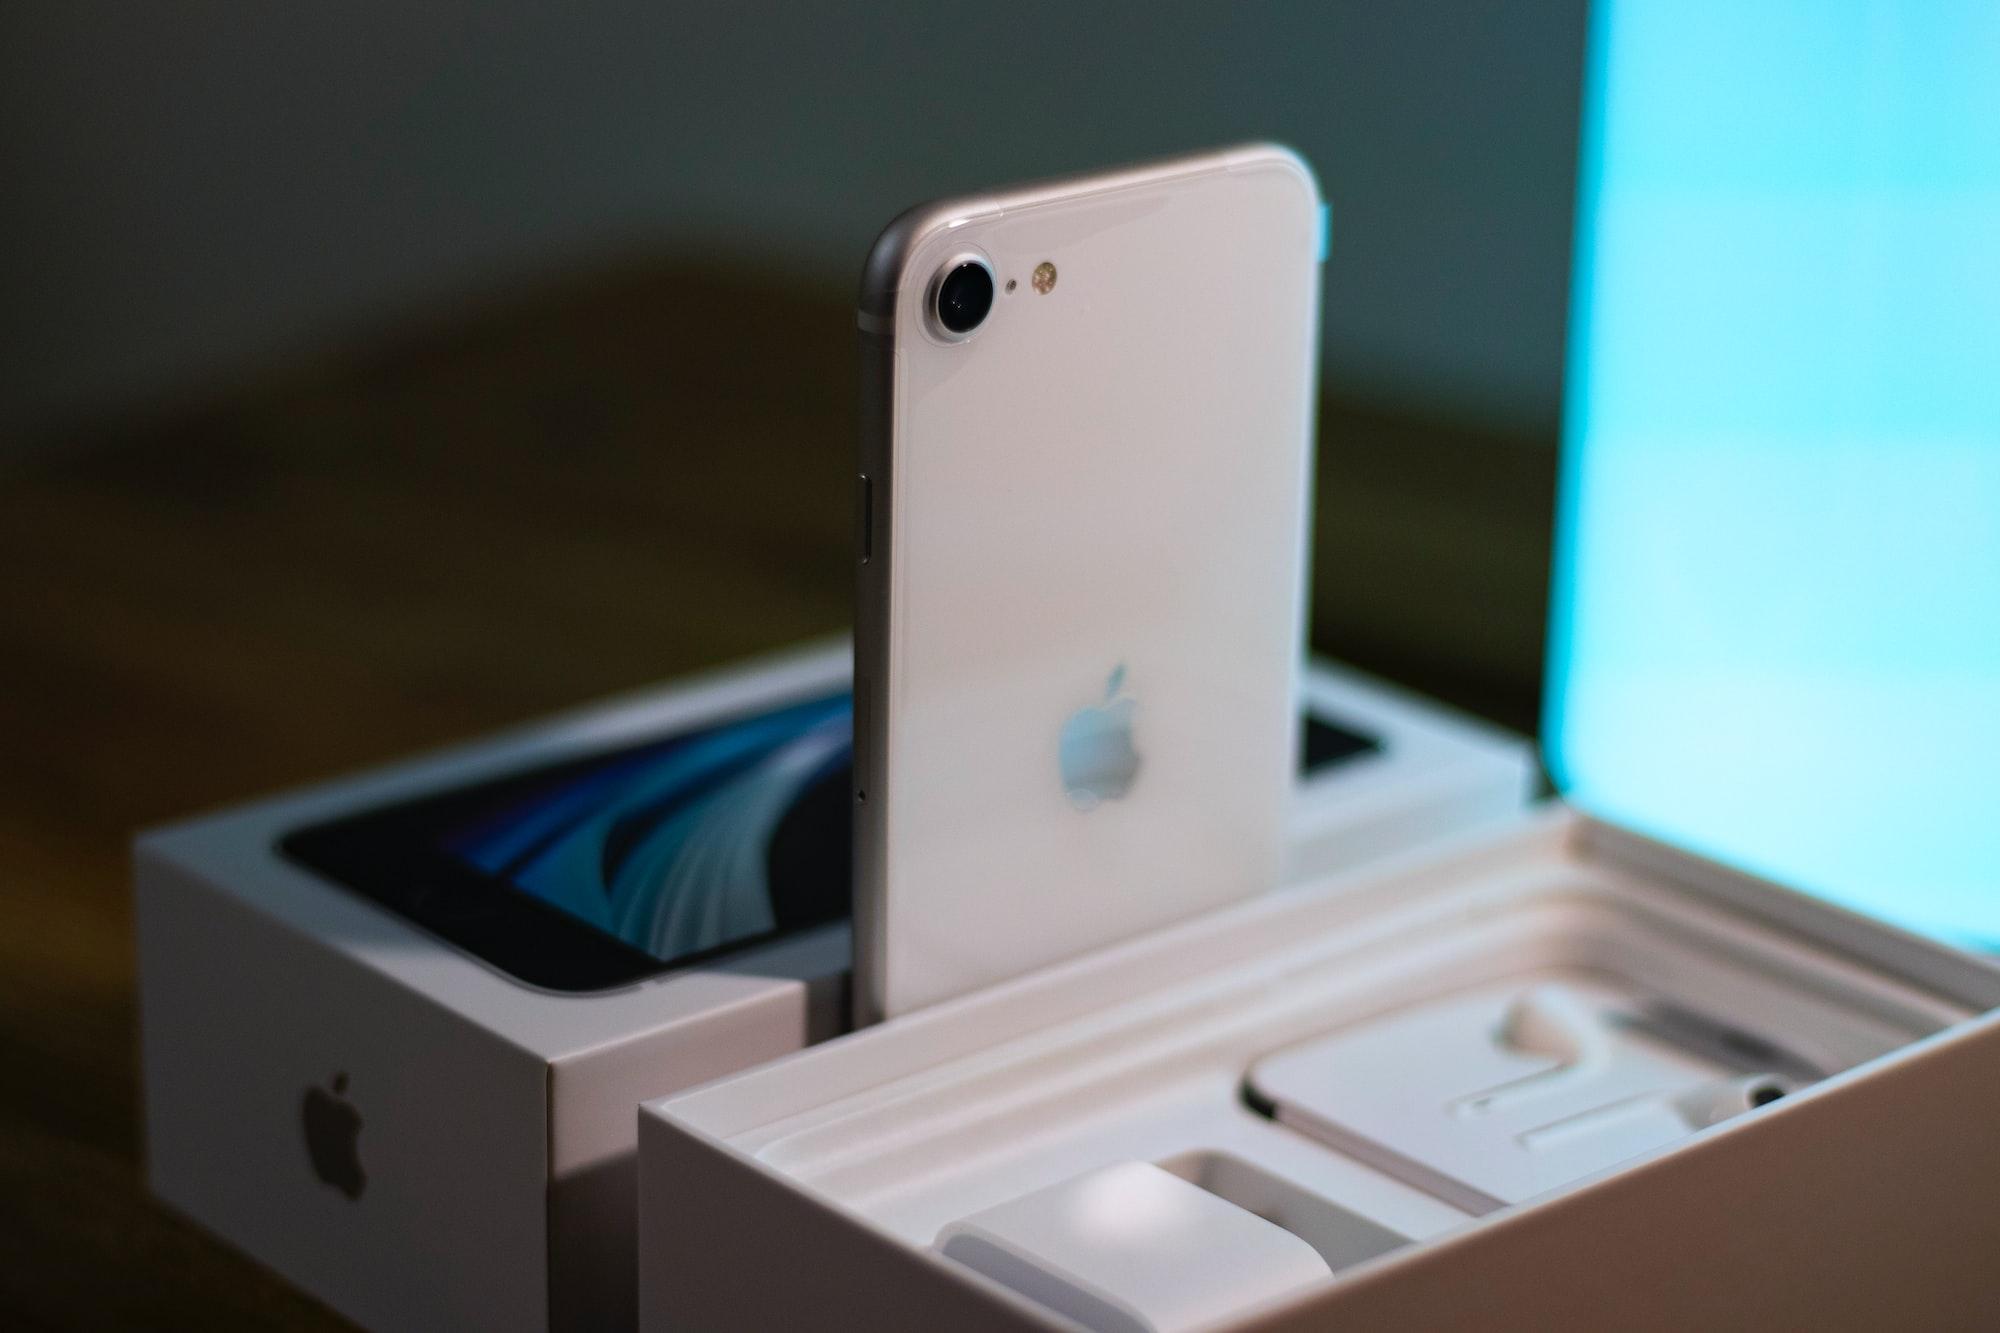 iPhone SE 3 só em 2022?! Conhece os últimos rumores do modelo